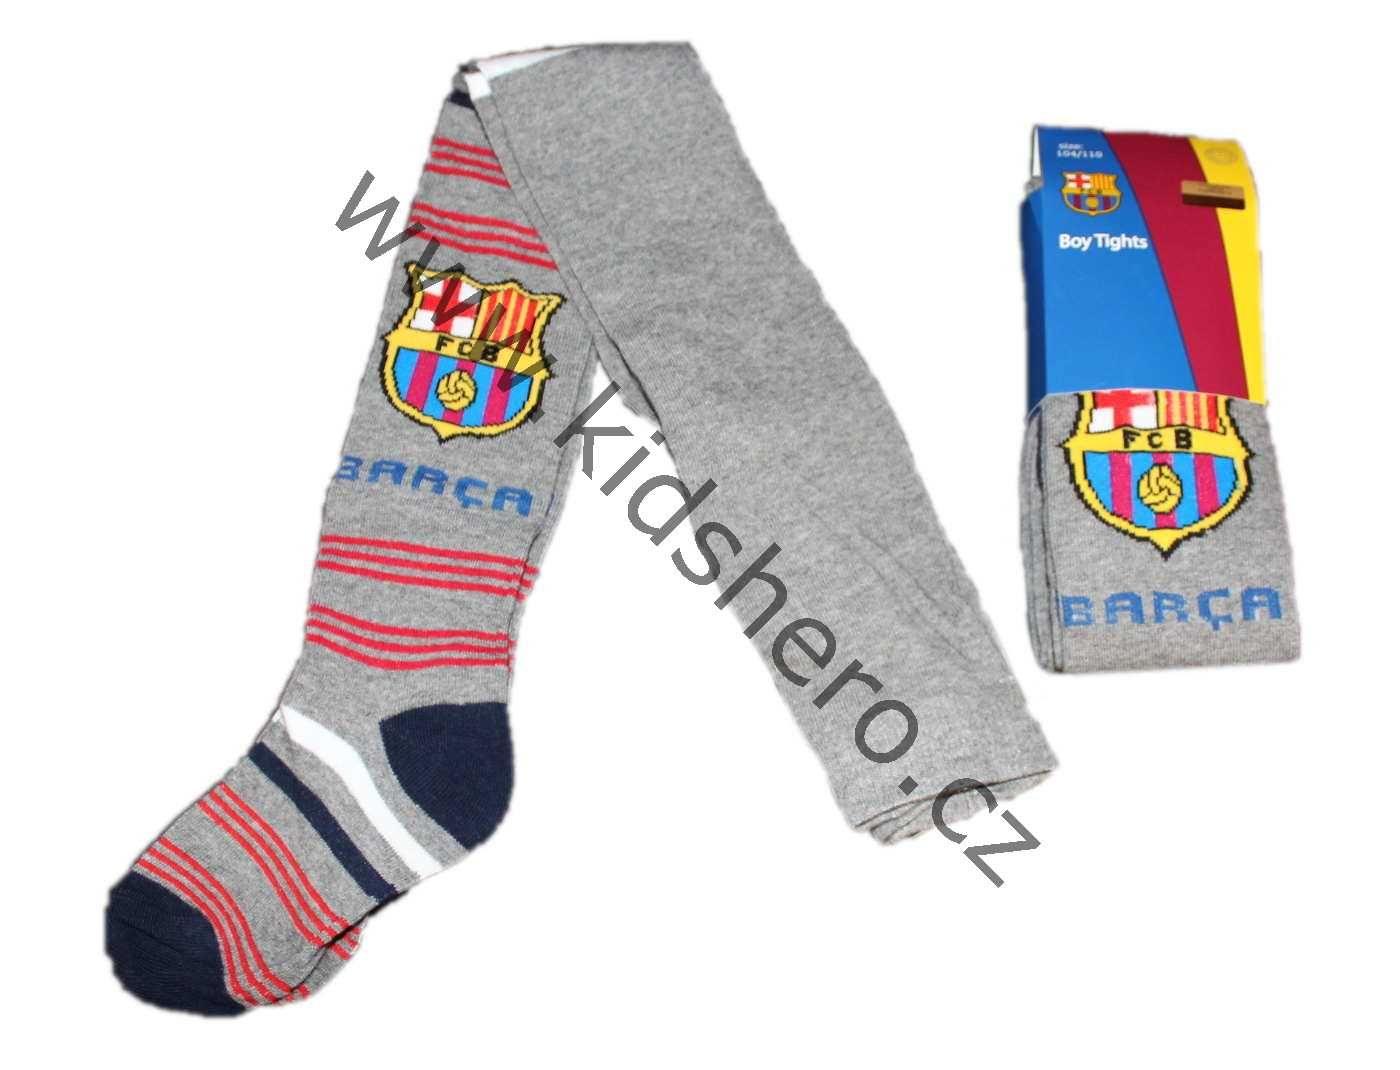 Dětské punčocháče FC BARCELONA, MESSI, BARCA punčochy chlapecké licenční oblečení